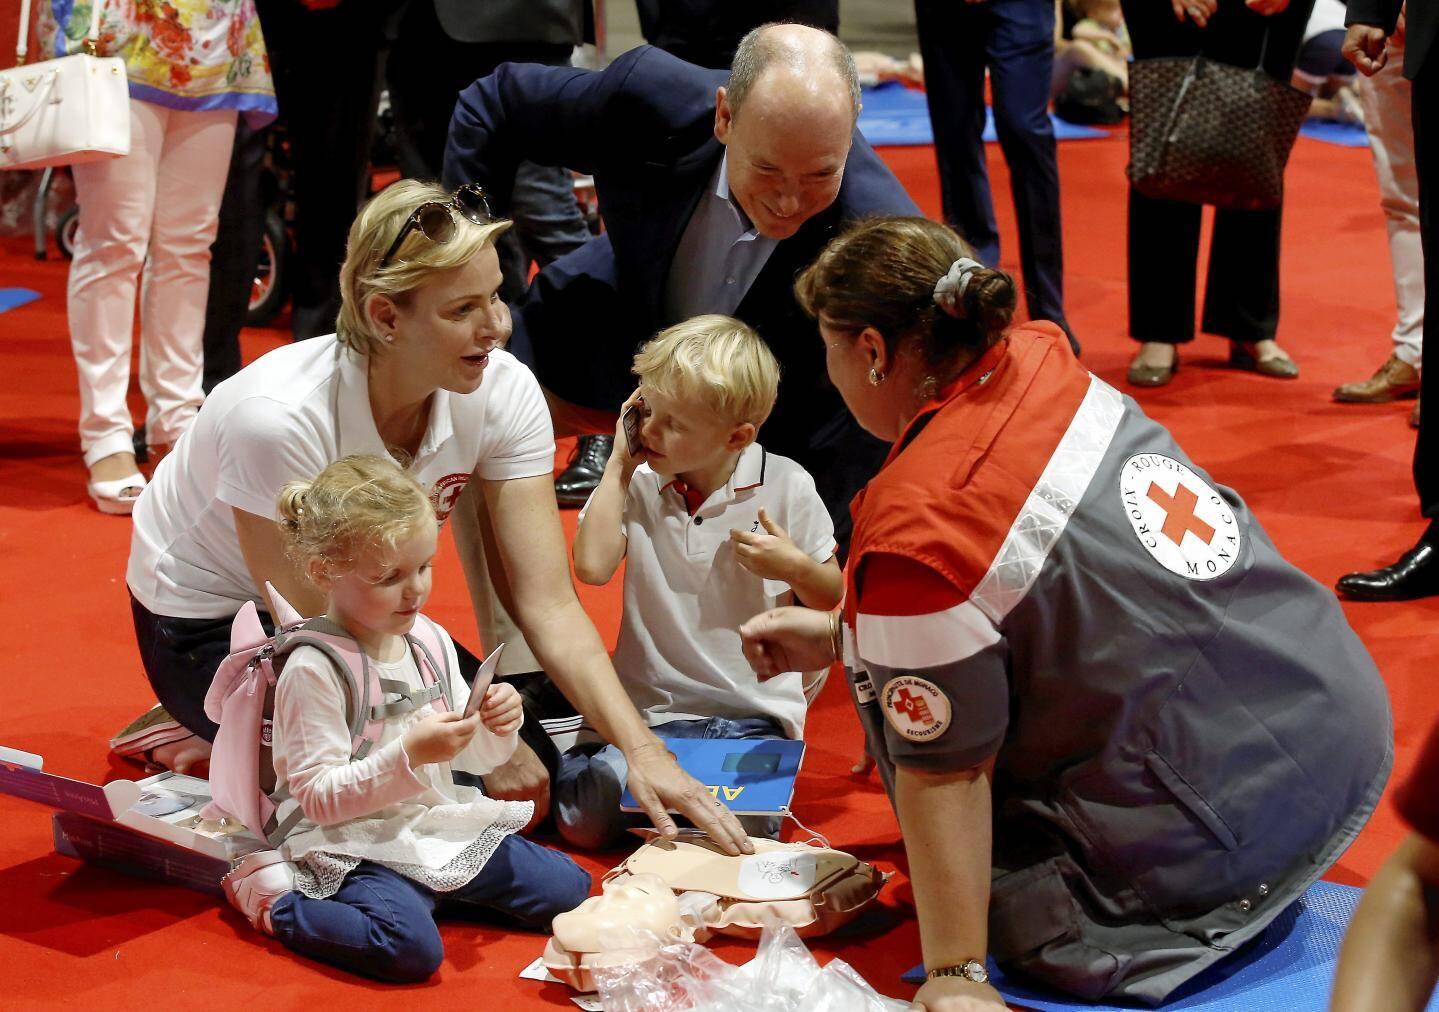 Aux côtés de leurs parents, les jumeaux participent à la journée d'action de la Croix-Rouge monégasque pour découvrir notamment les gestes qui sauvent.